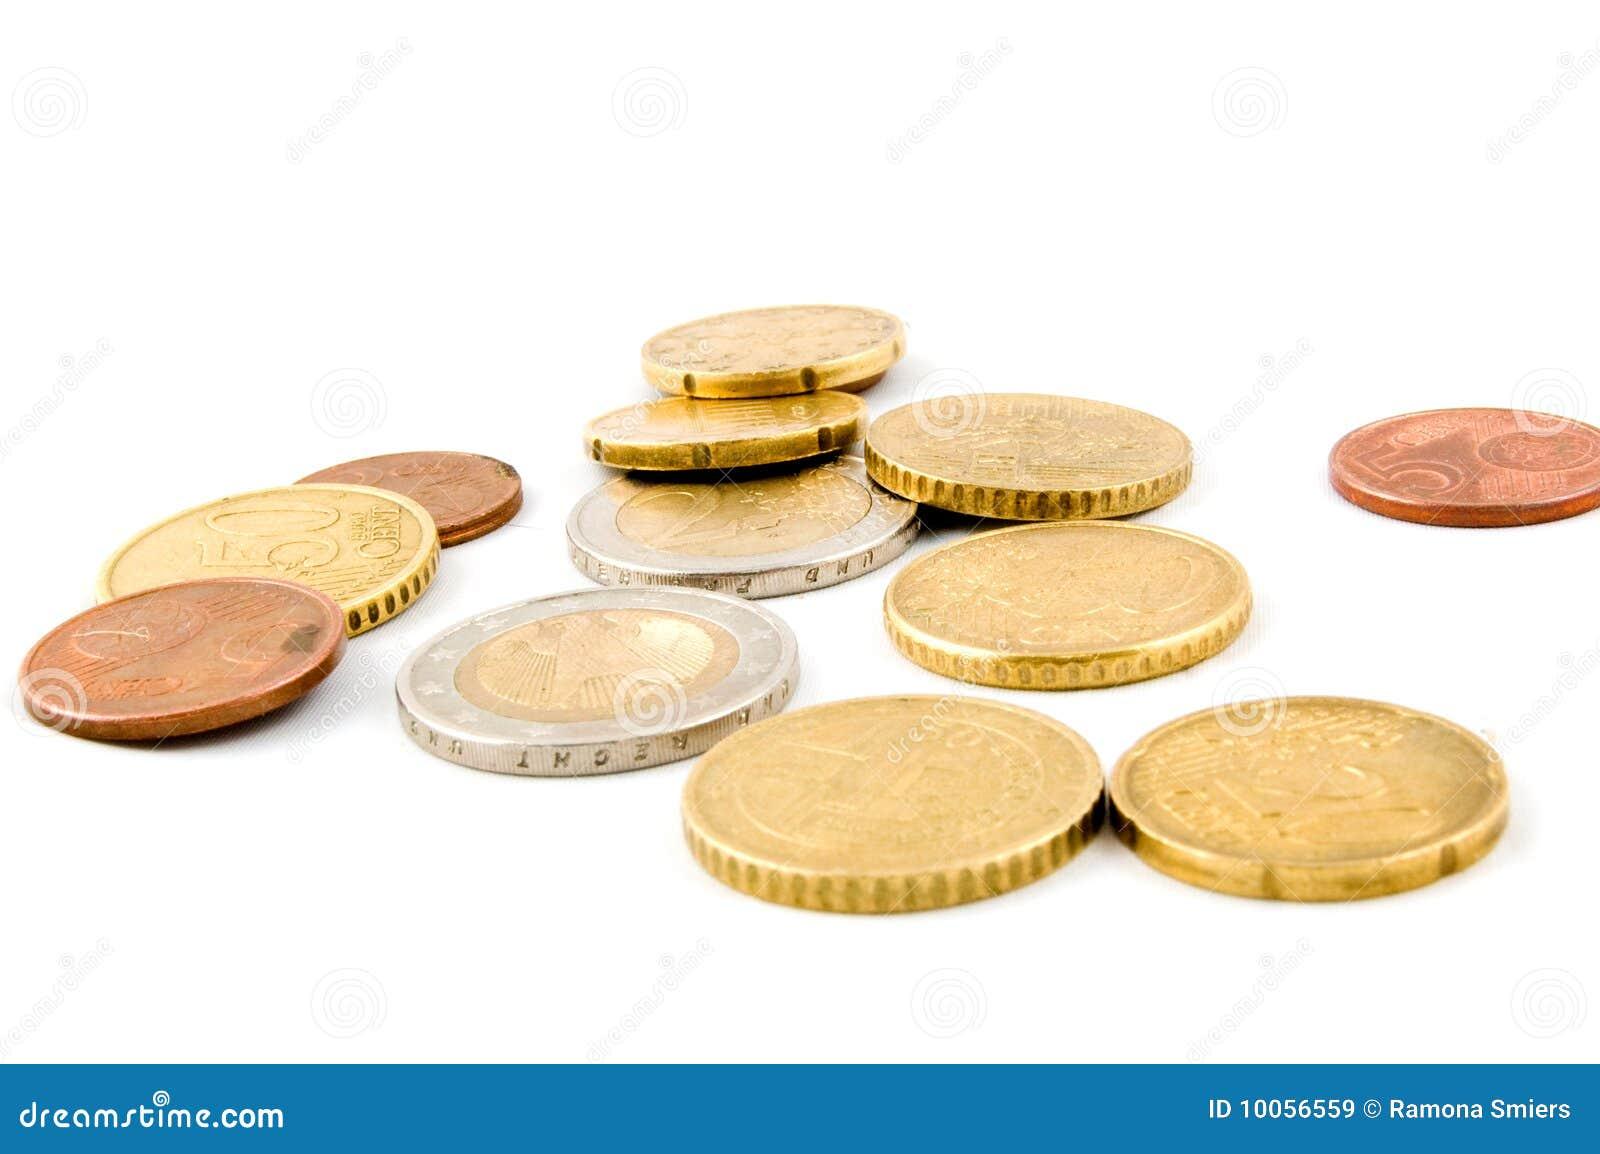 Eurocoins pequenos no fundo branco